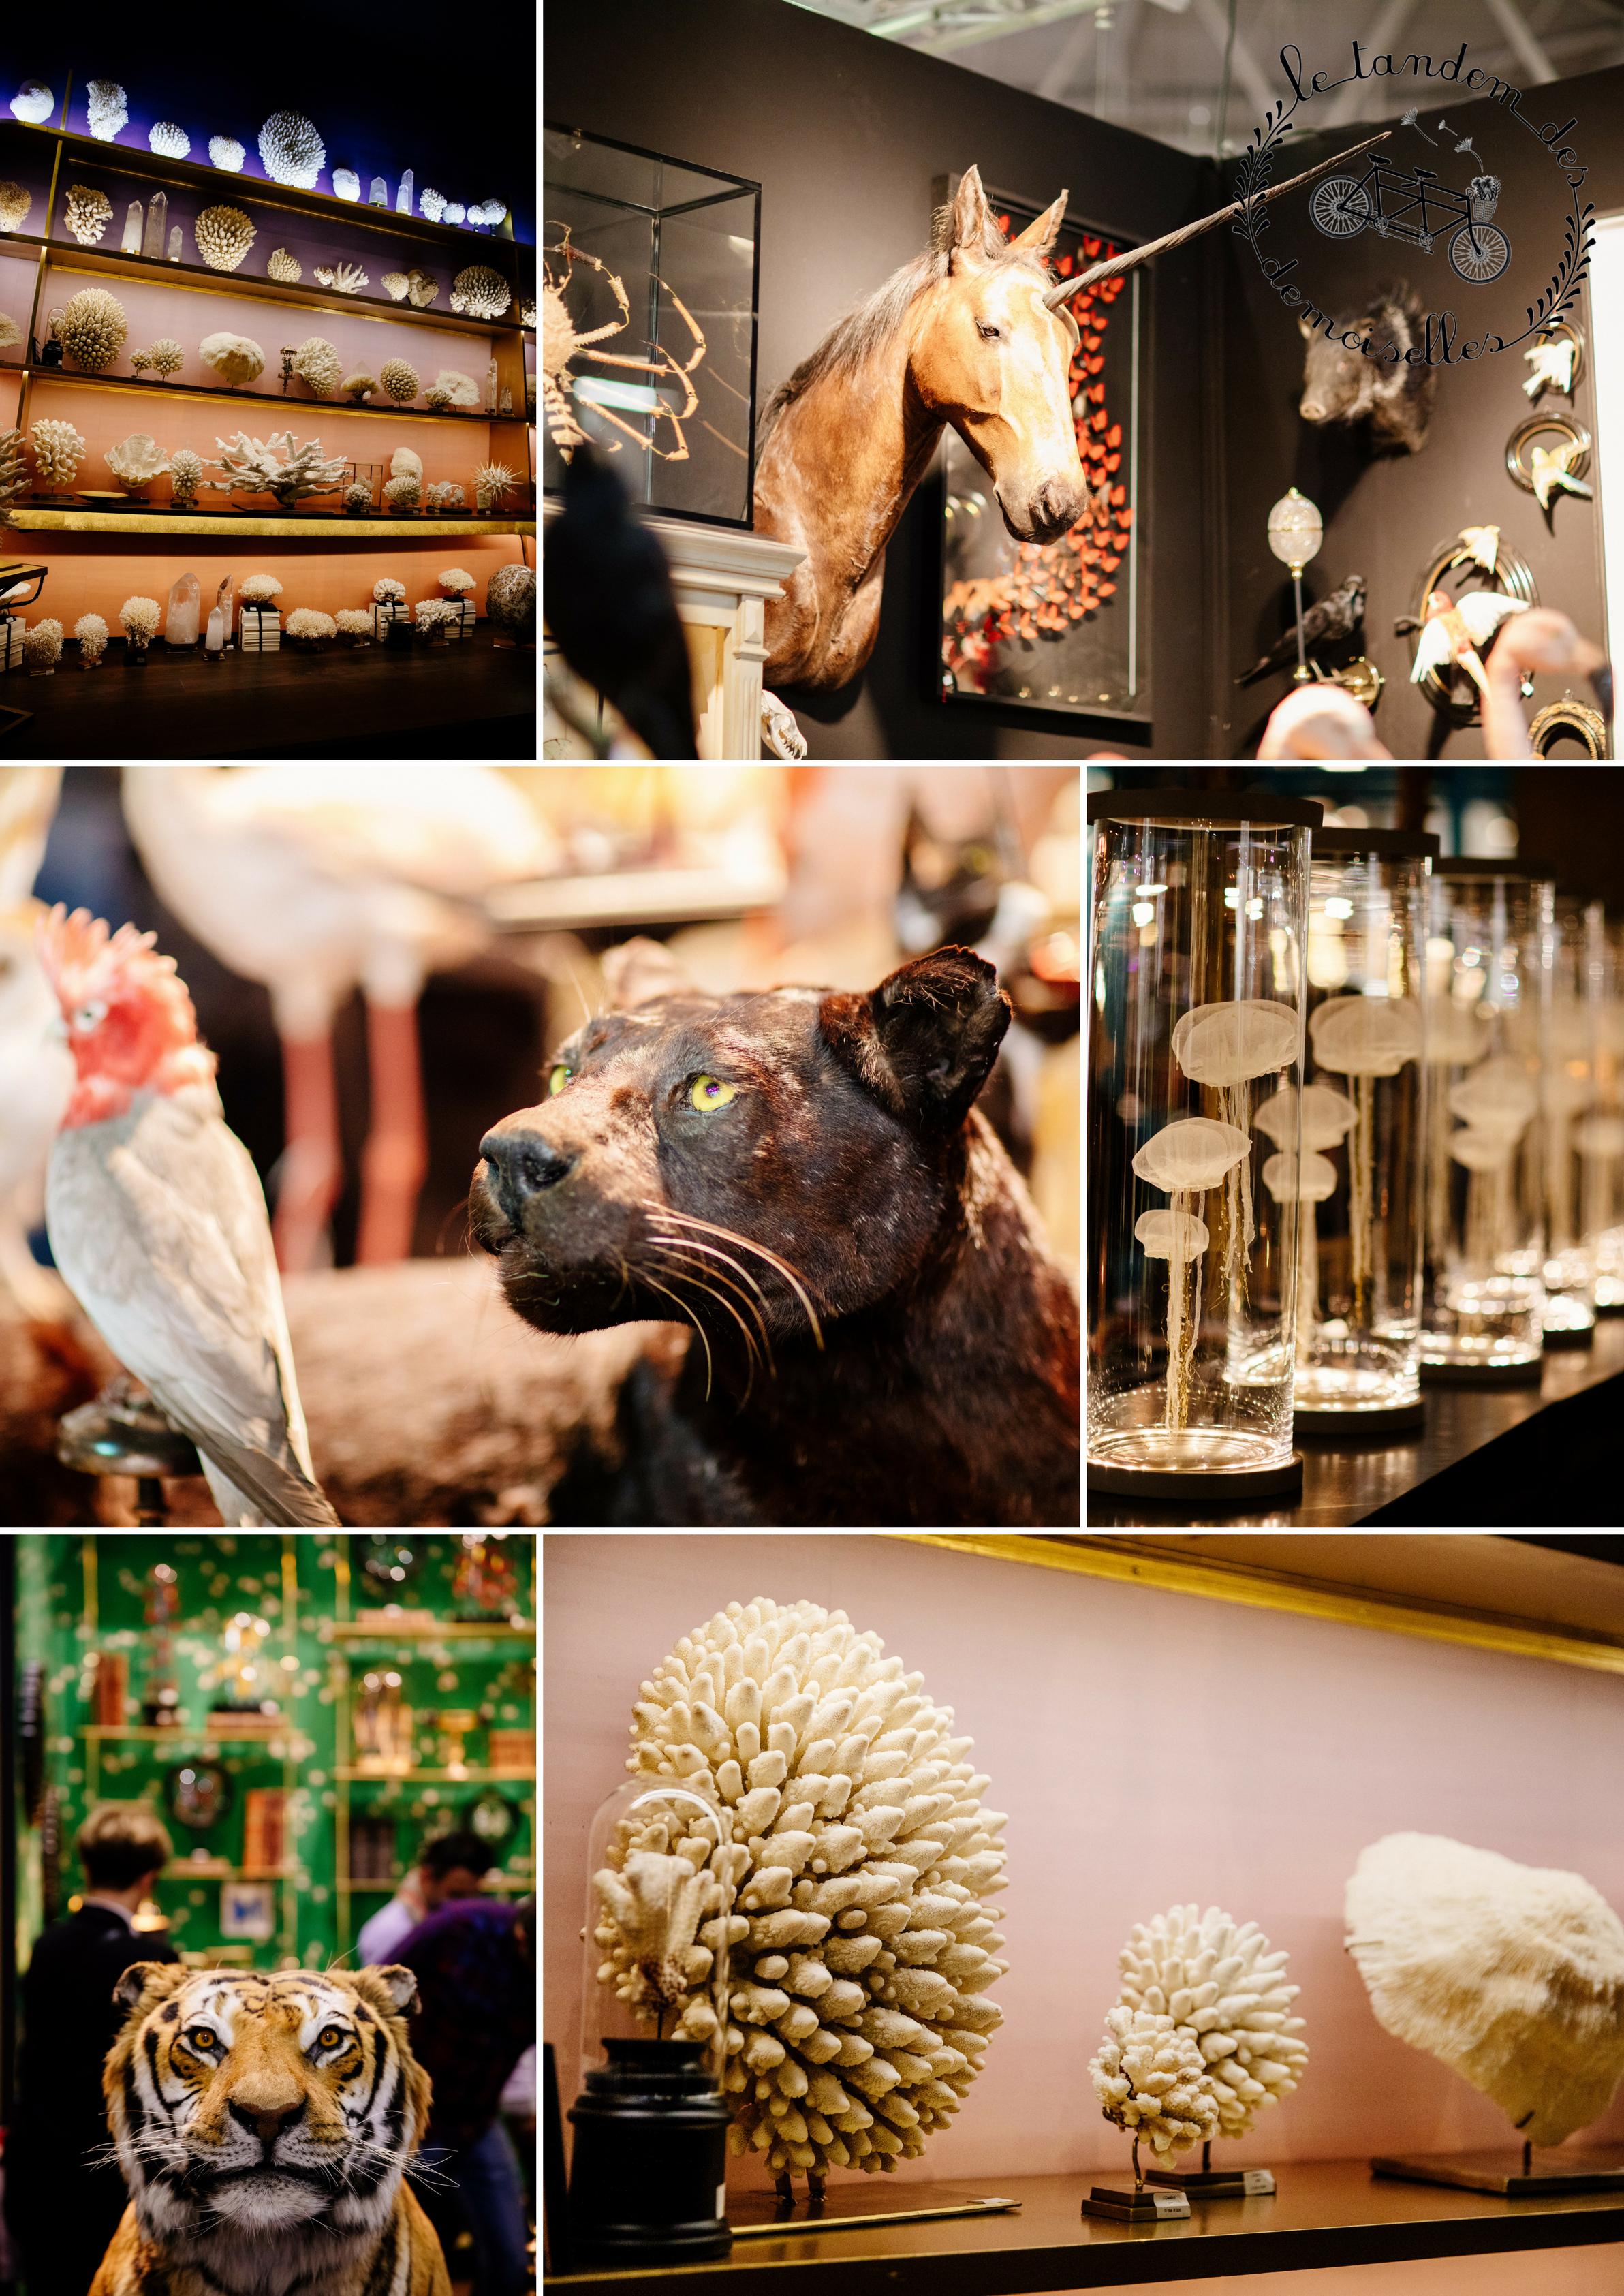 décoration vert et doré - salon Maison et Objets - cabinet de curiosités